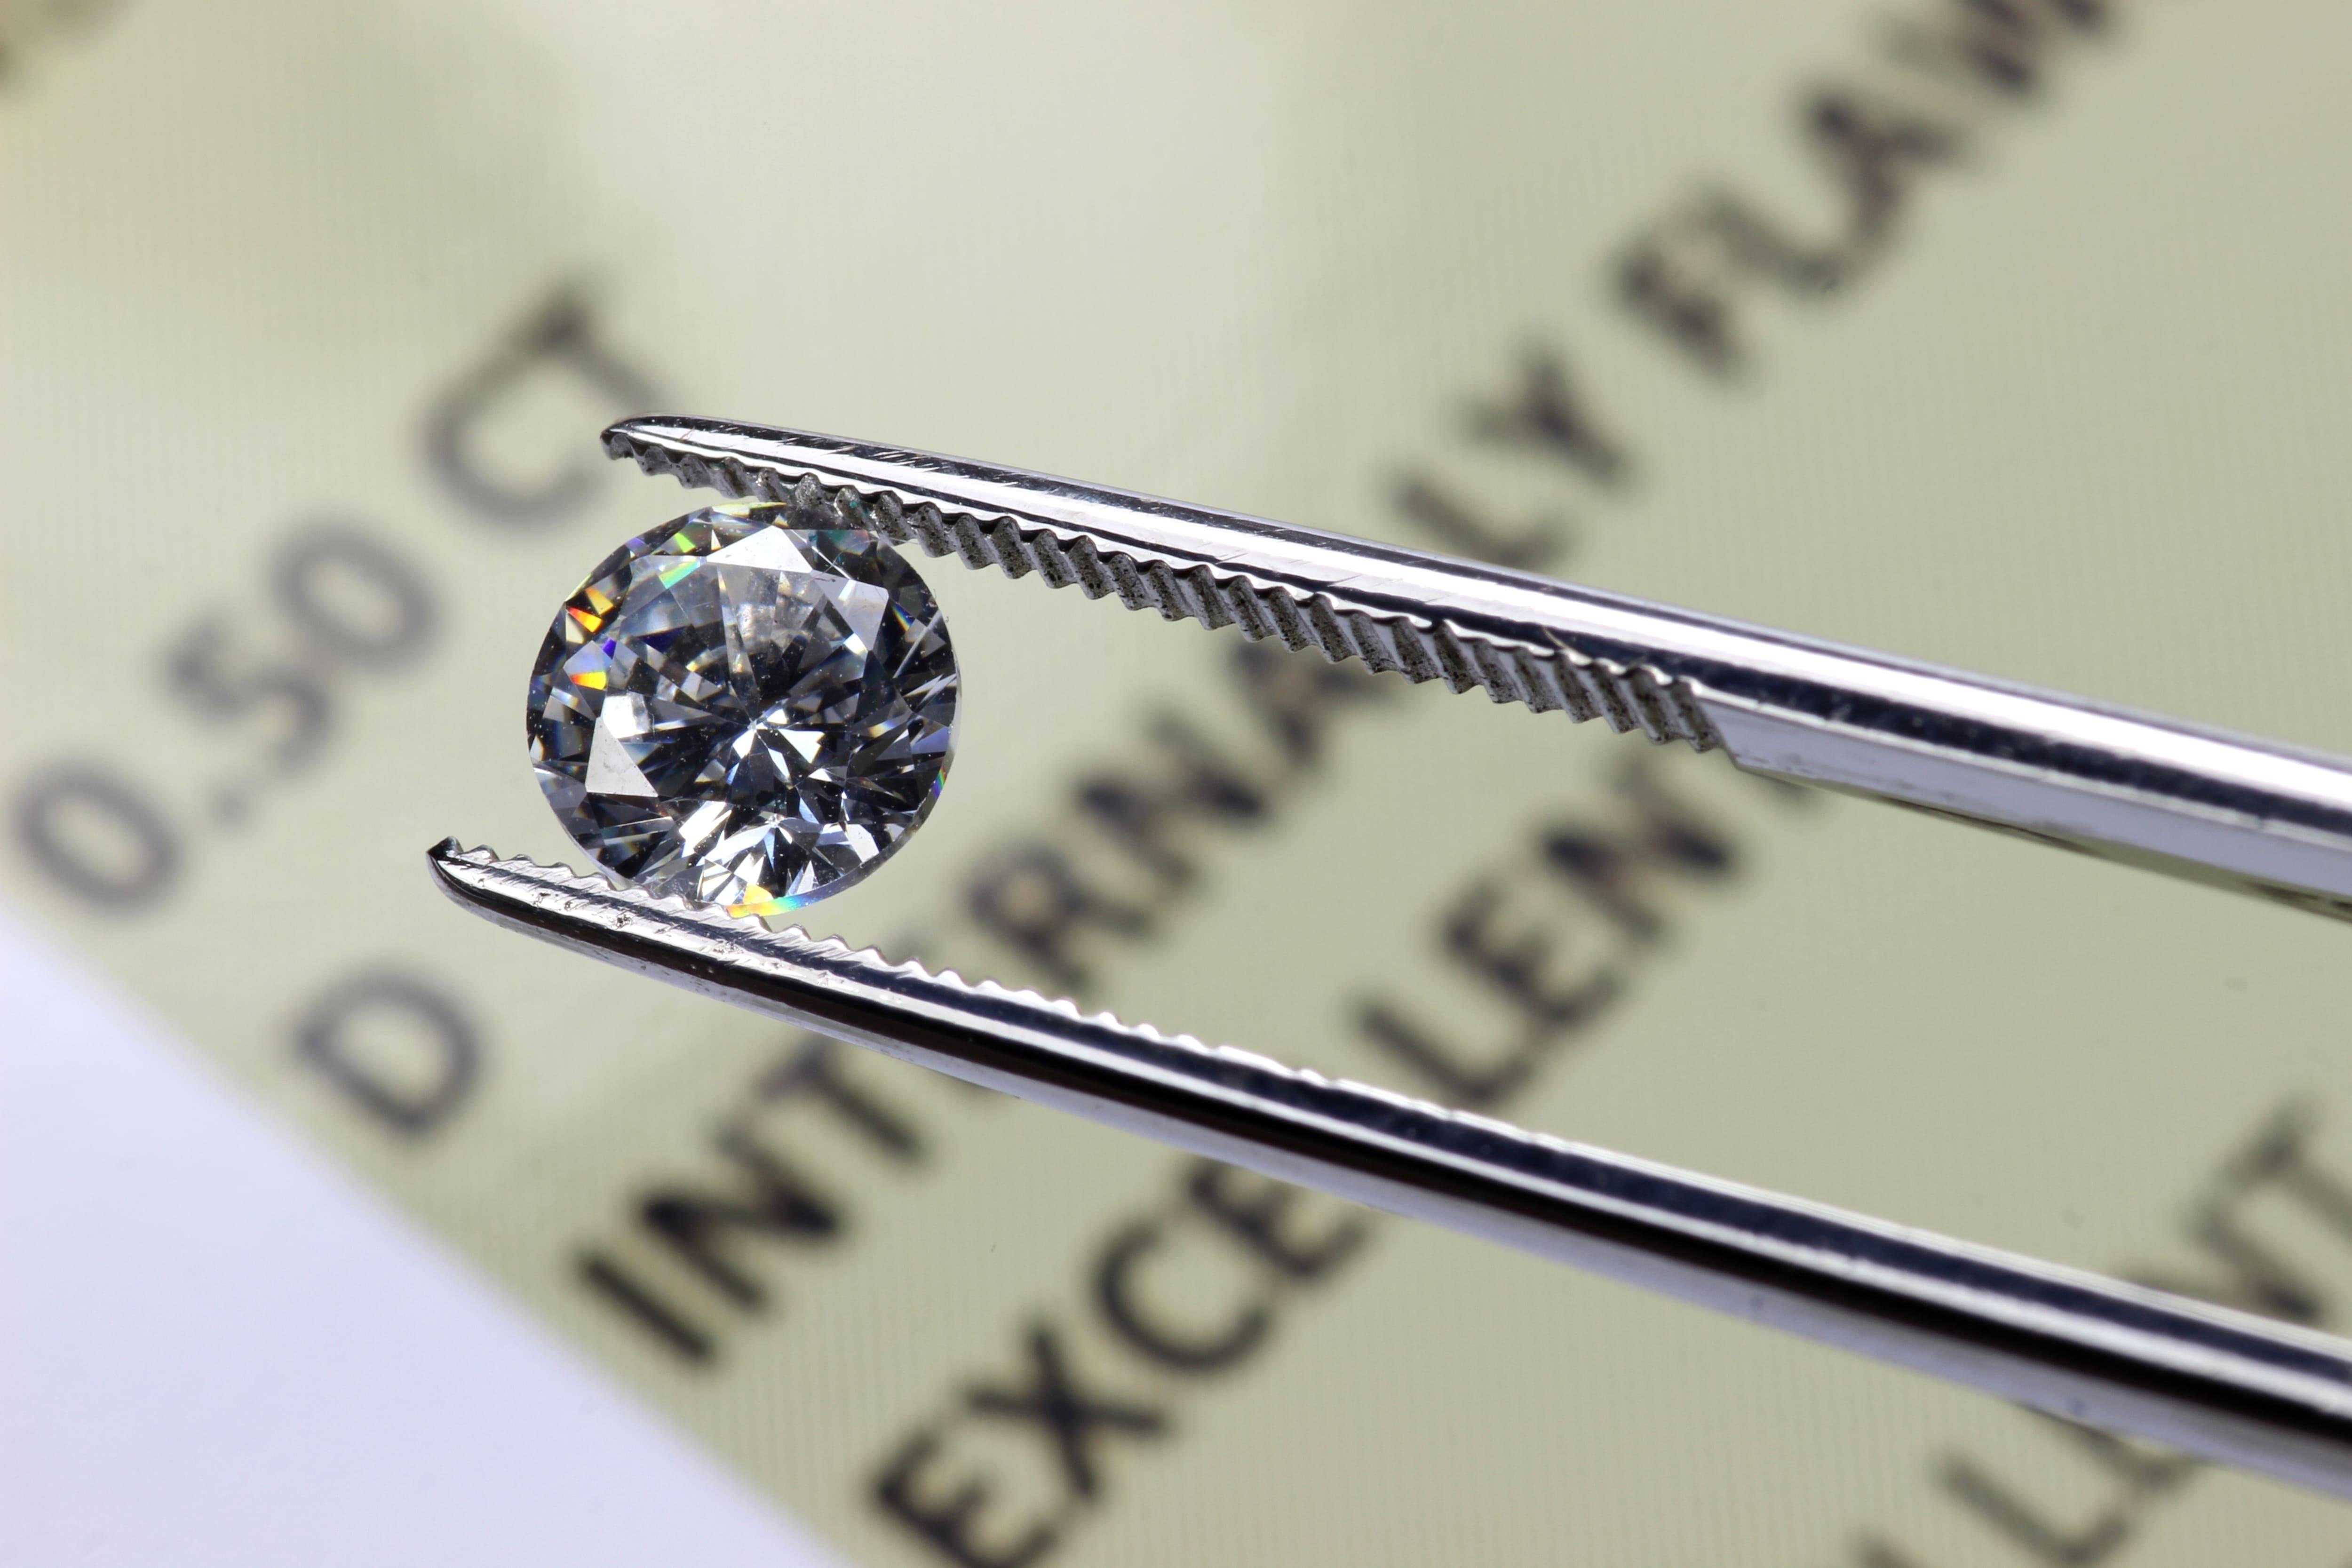 acheter son diamant avec son certificat de qualité